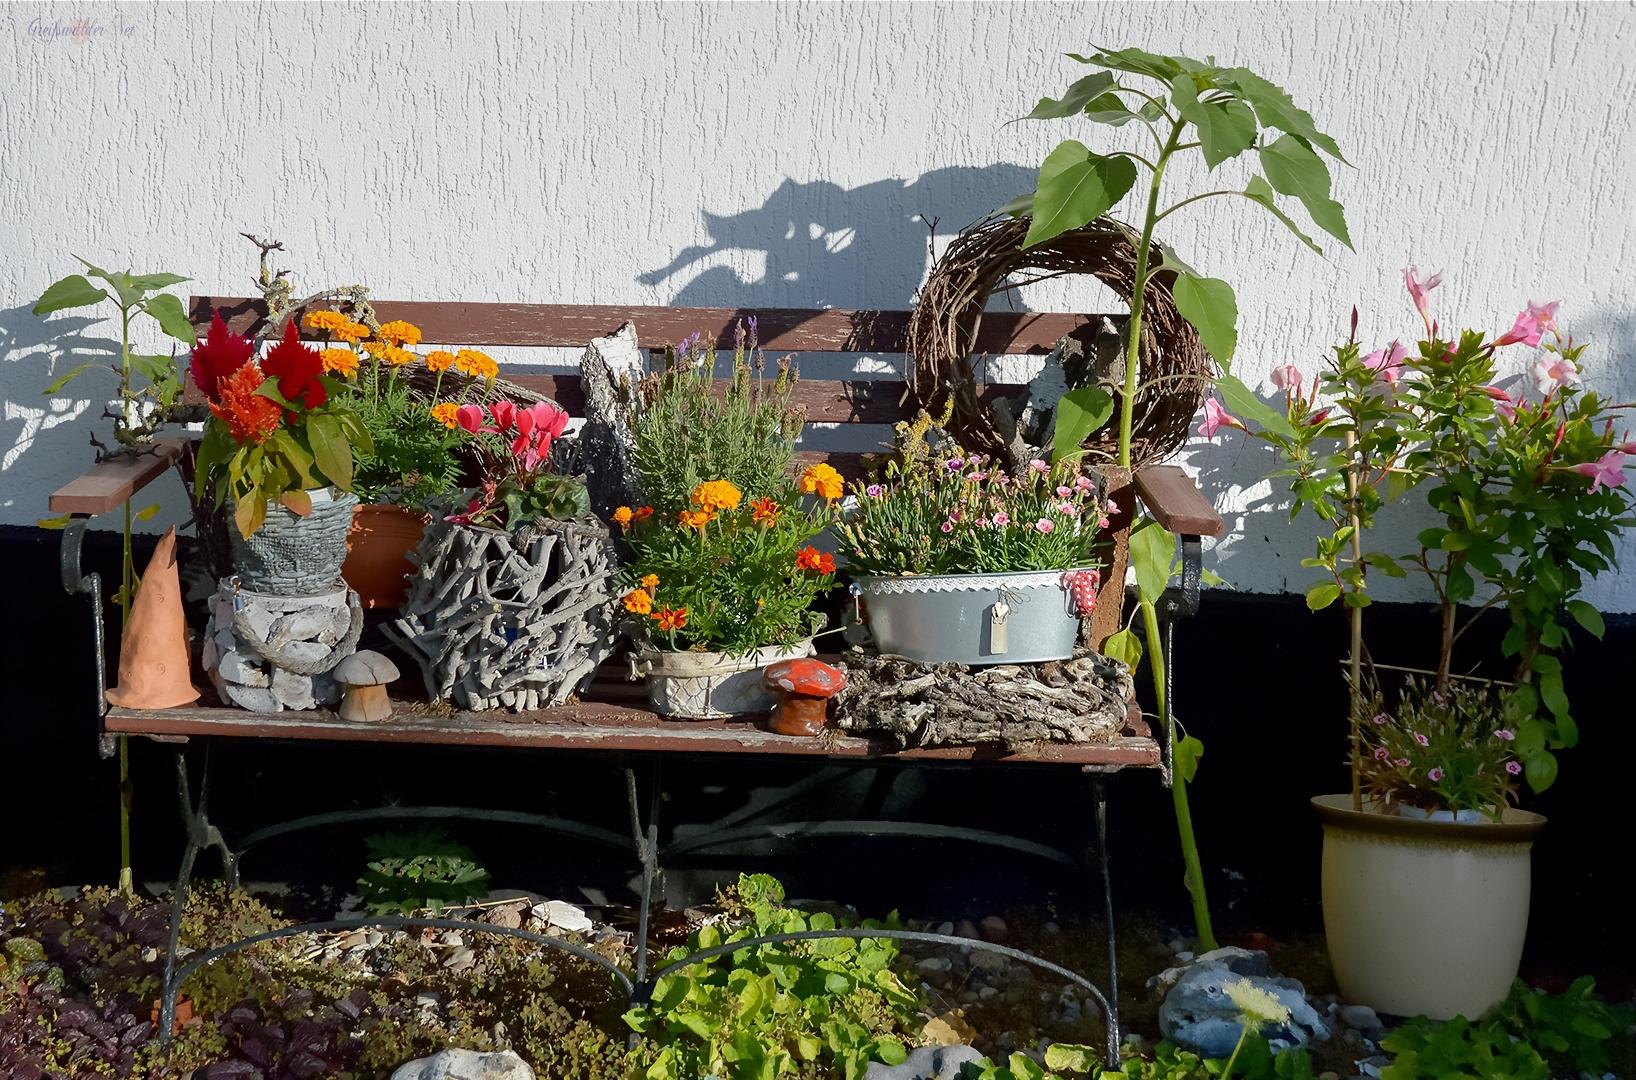 Sommerdekoration in einem Vorgarten in Greifswald-Wieck